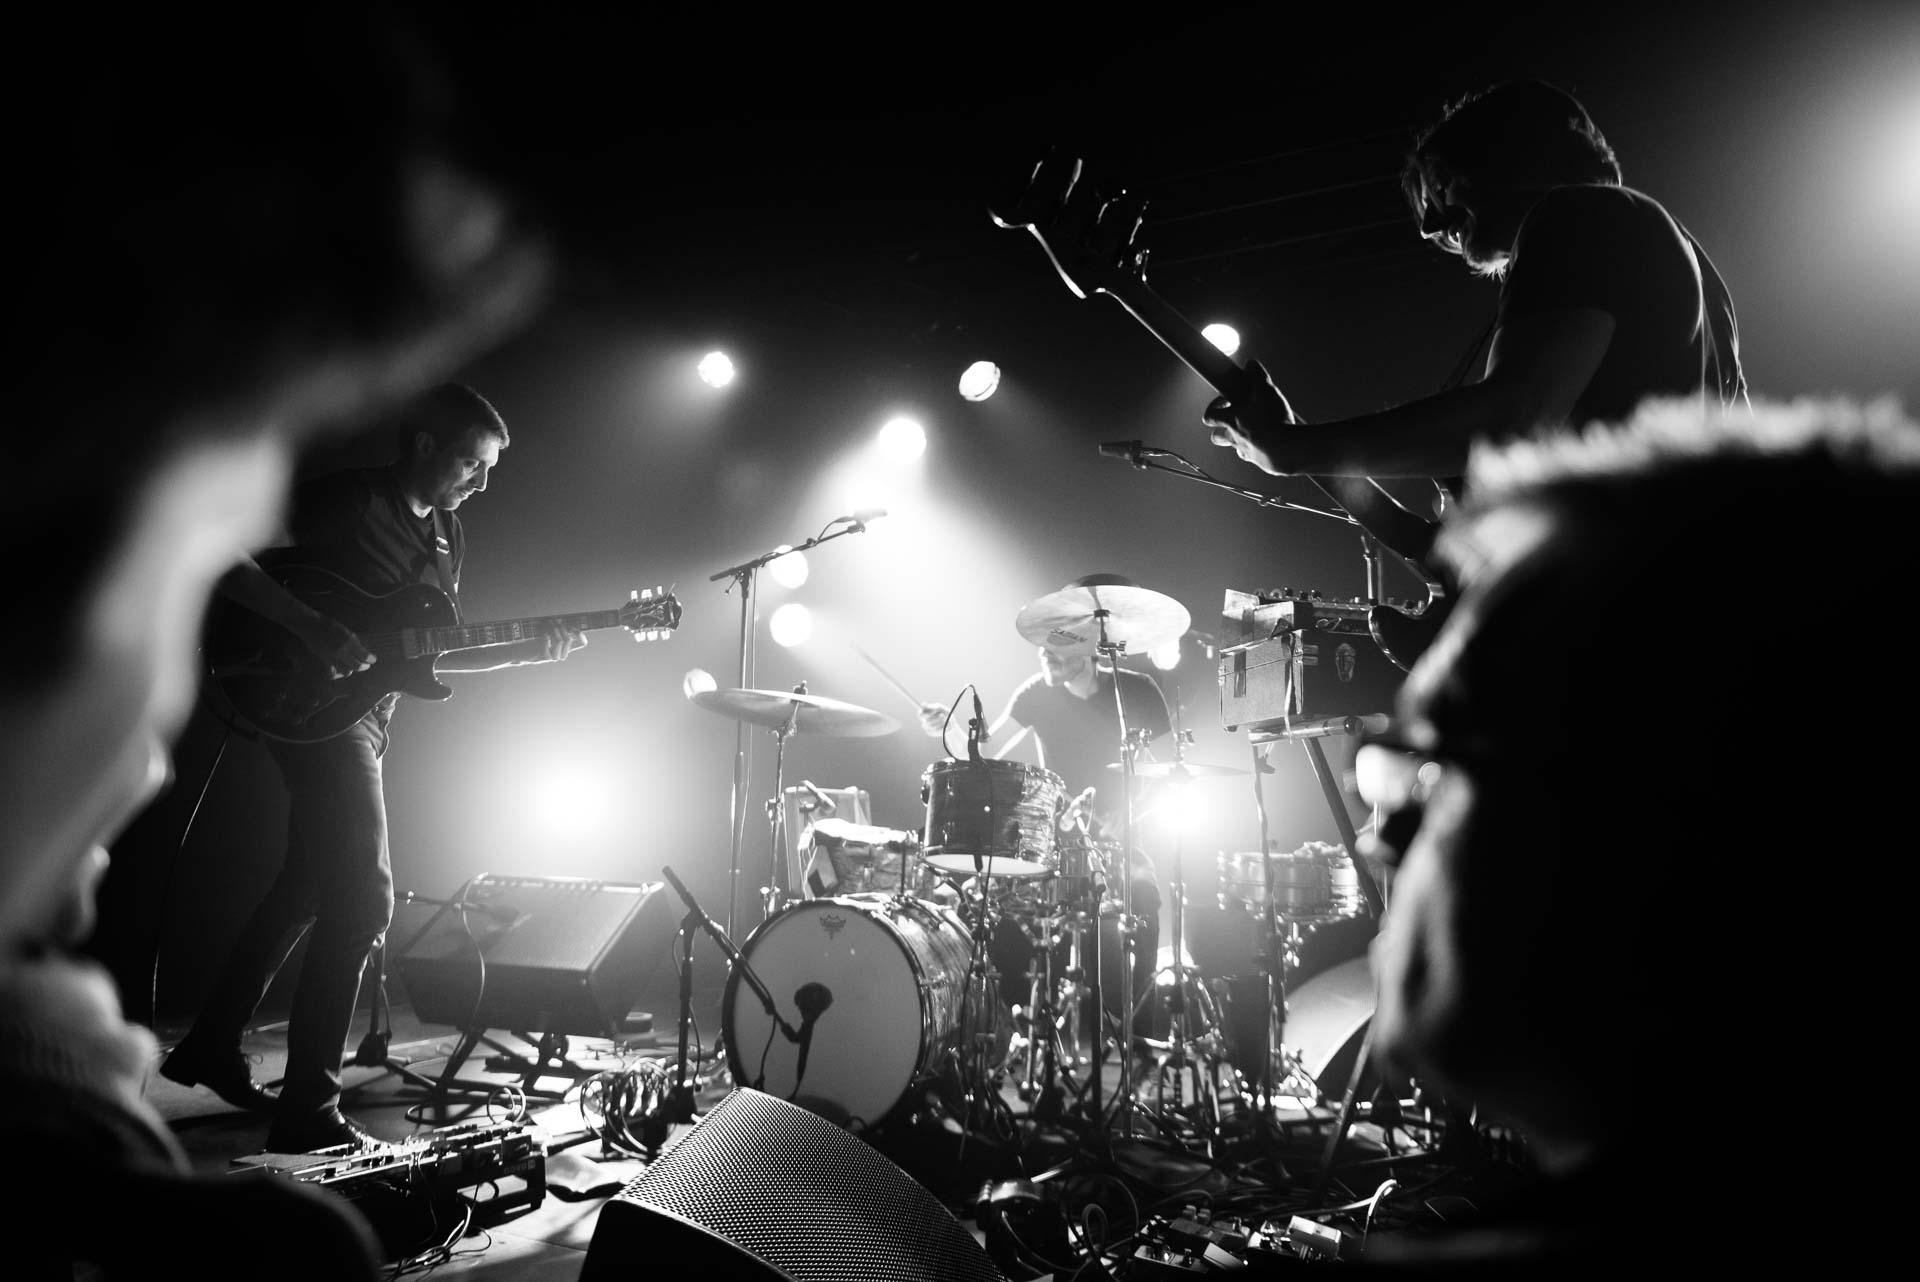 Music – DansDans